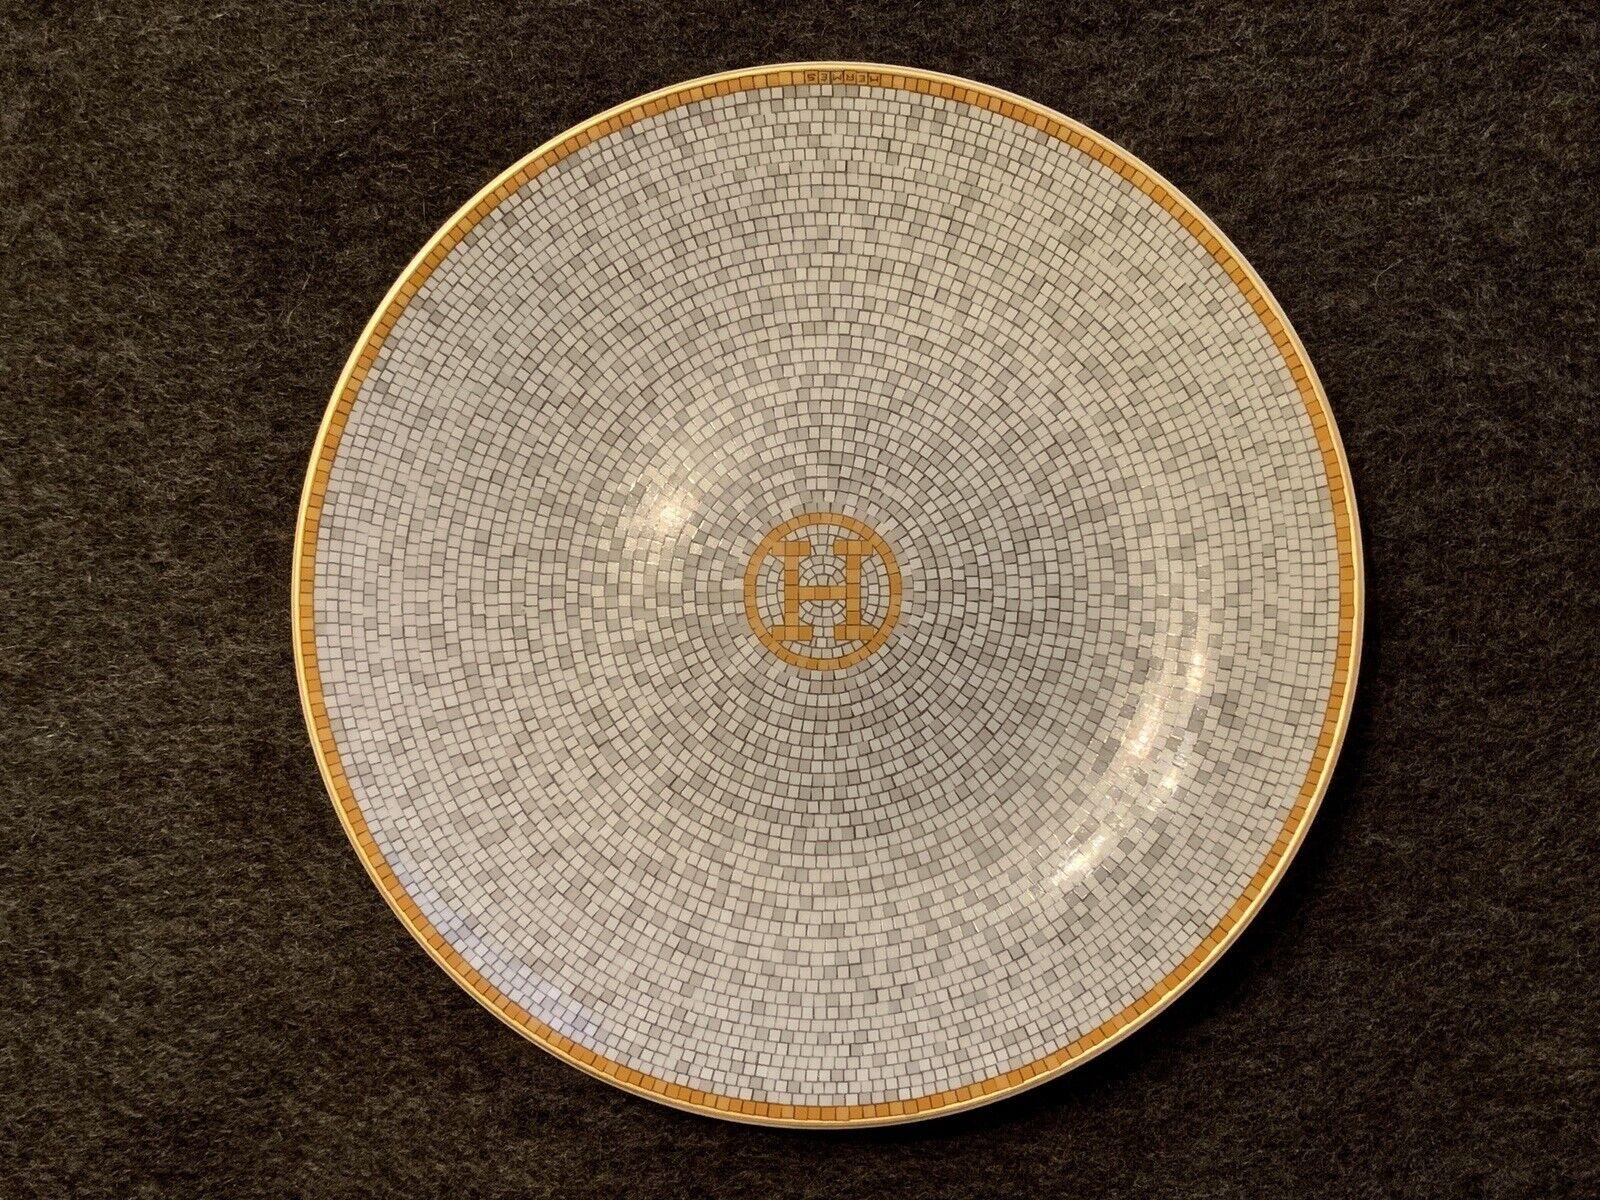 Hermes MOSAIQUE AU 24 or plaque ronde